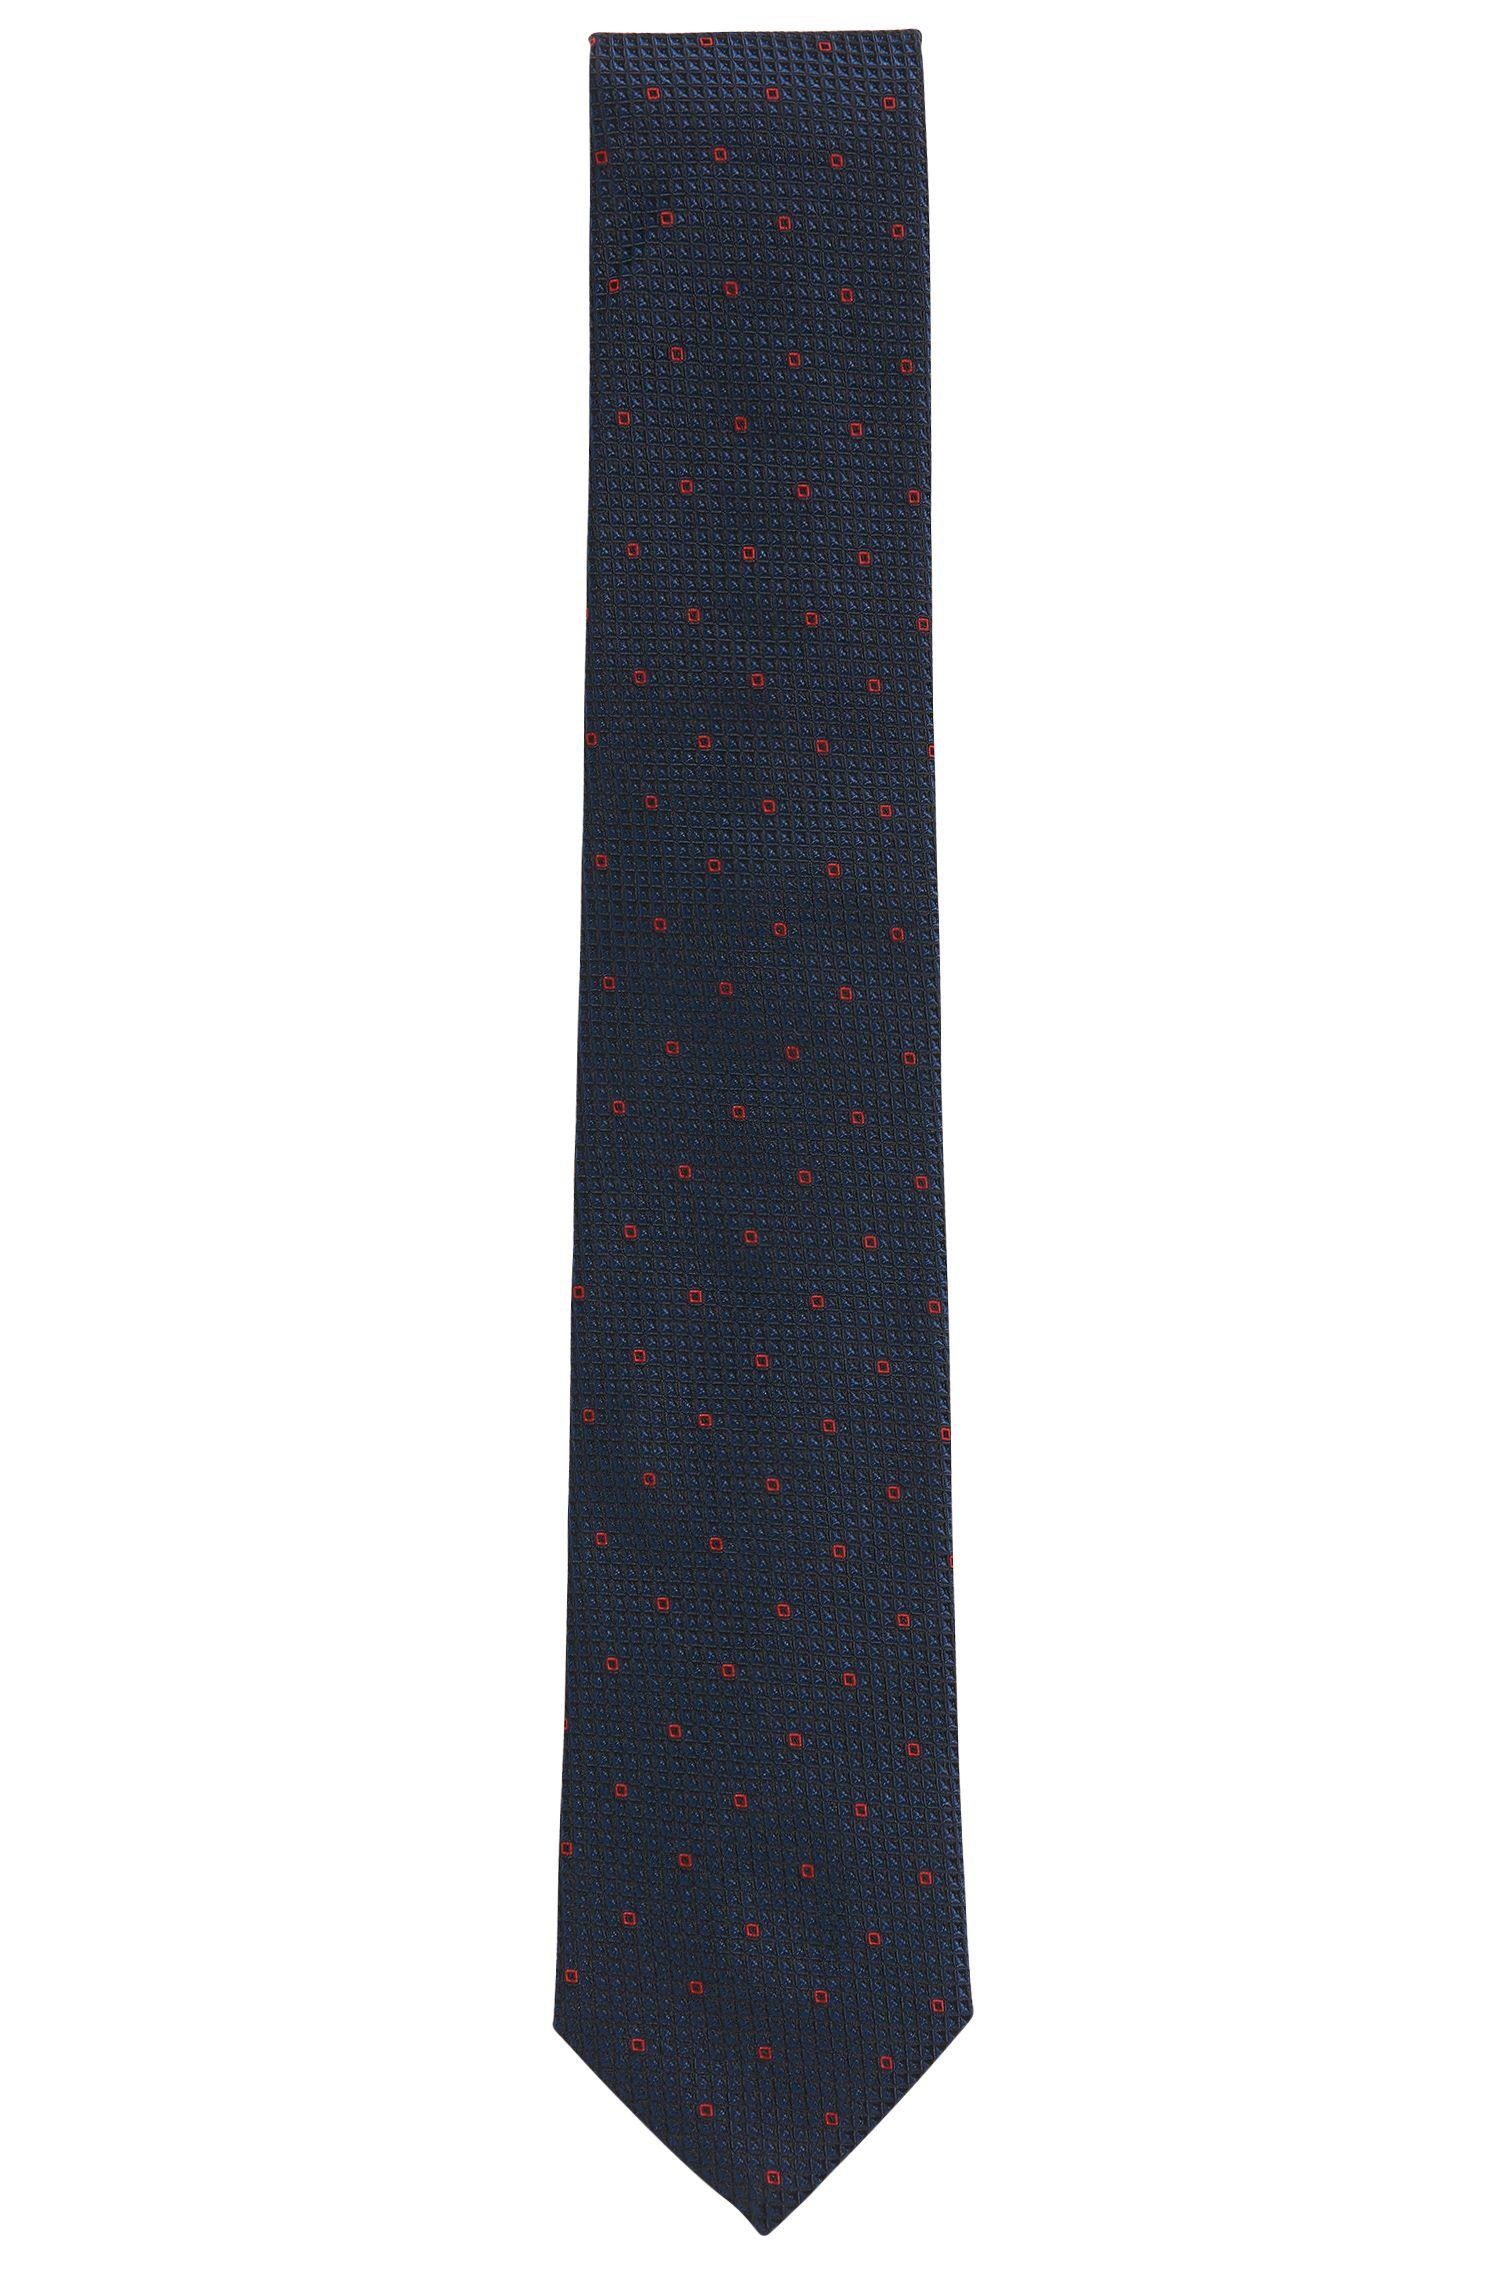 Patterned Italian Silk Tie, Red